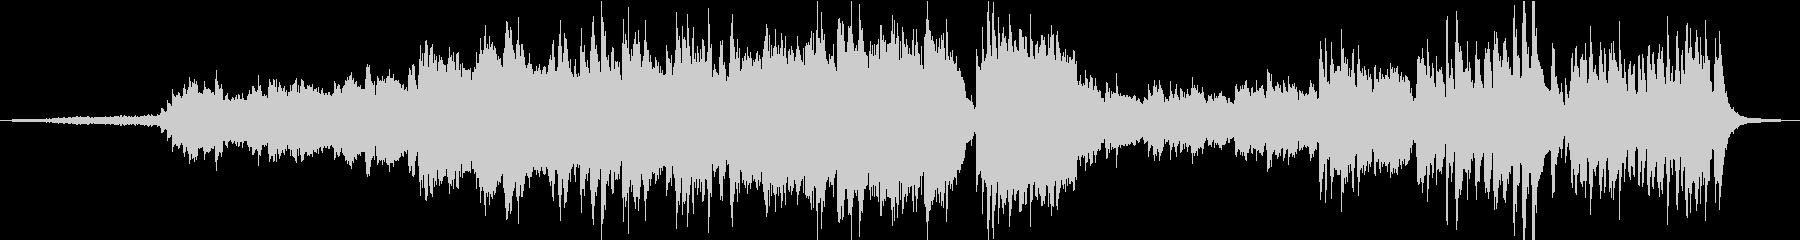 現代の交響曲 室内楽 ポジティブ ...の未再生の波形